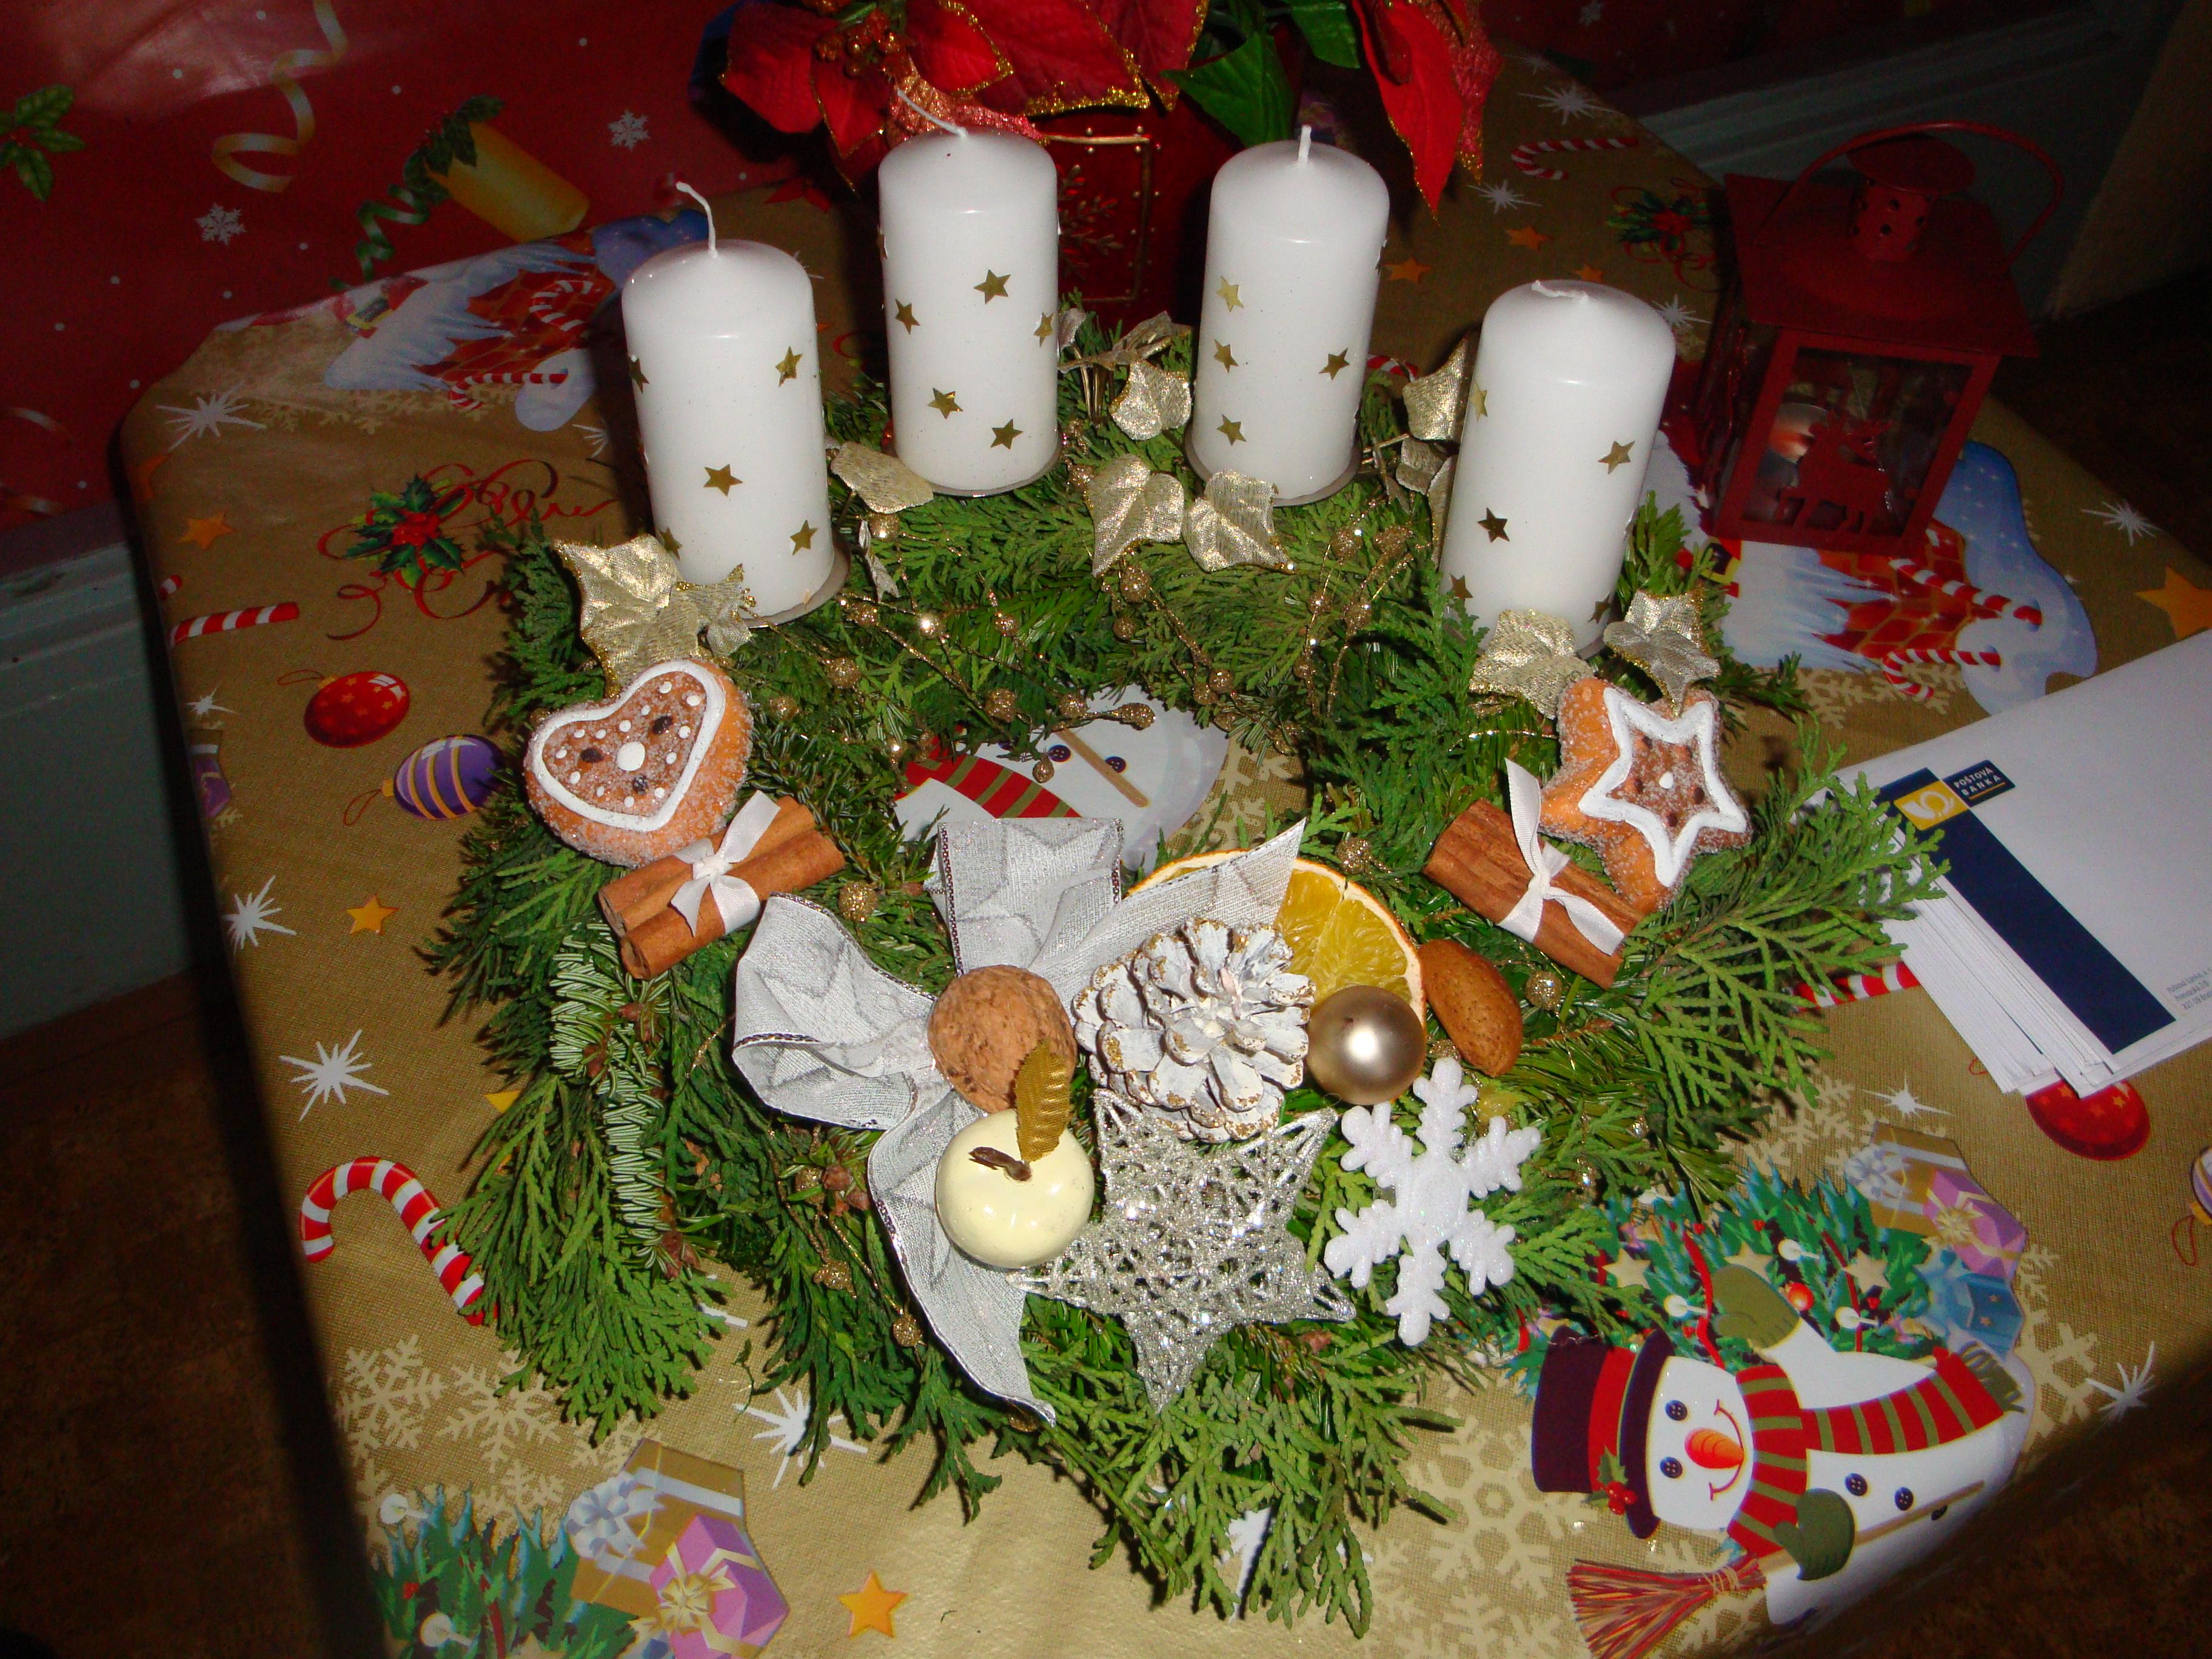 Vianočná dekorácia 2010